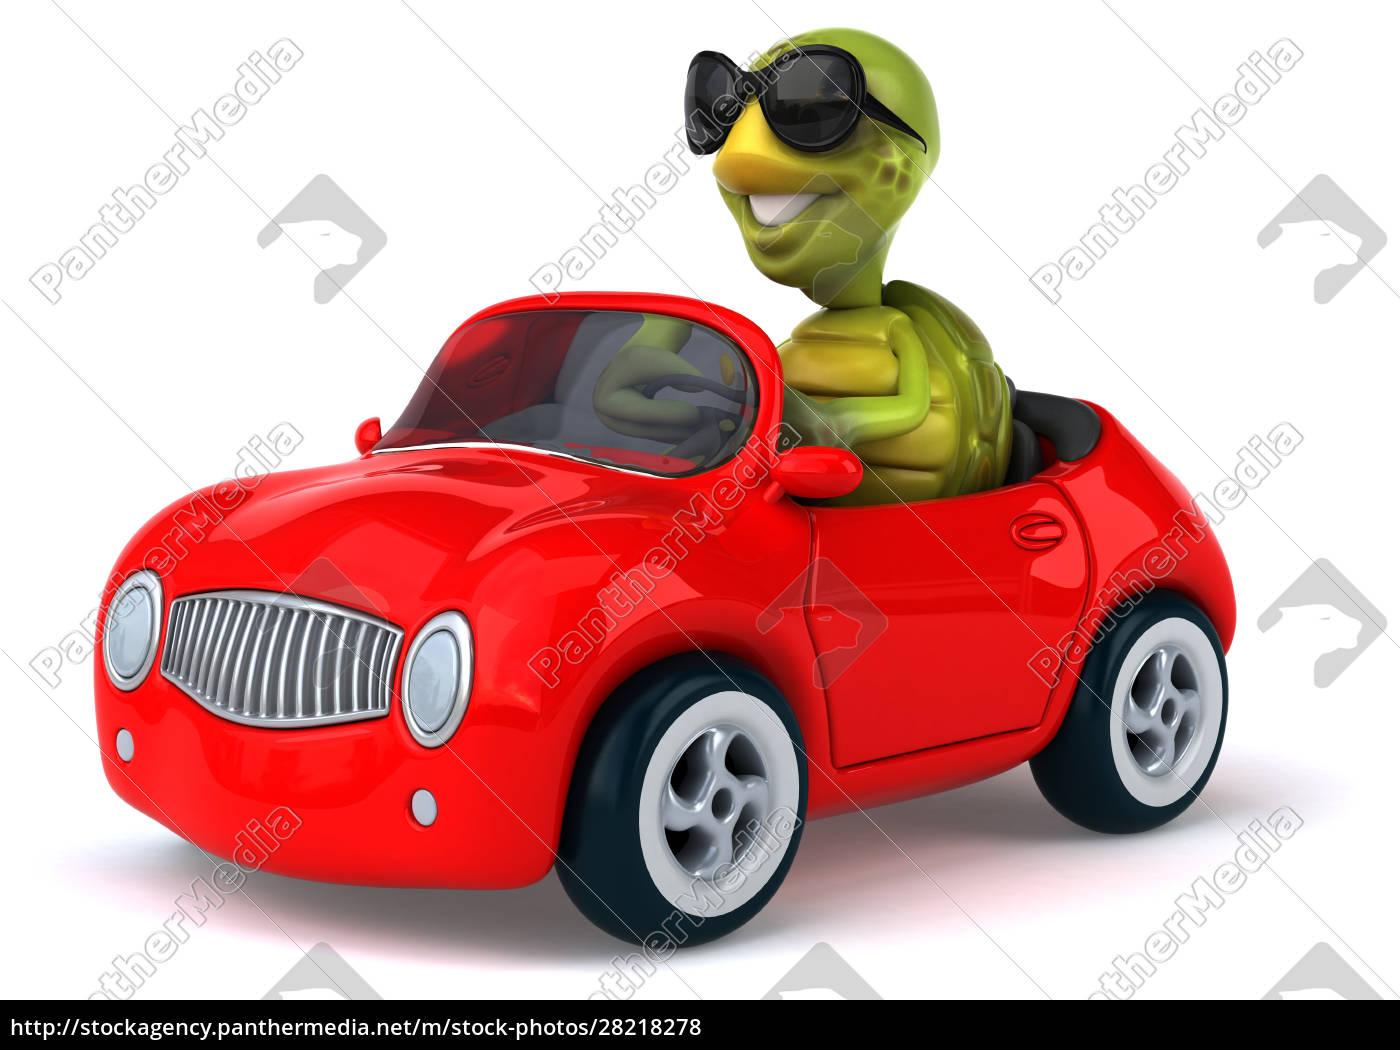 fun, turtle - 28218278